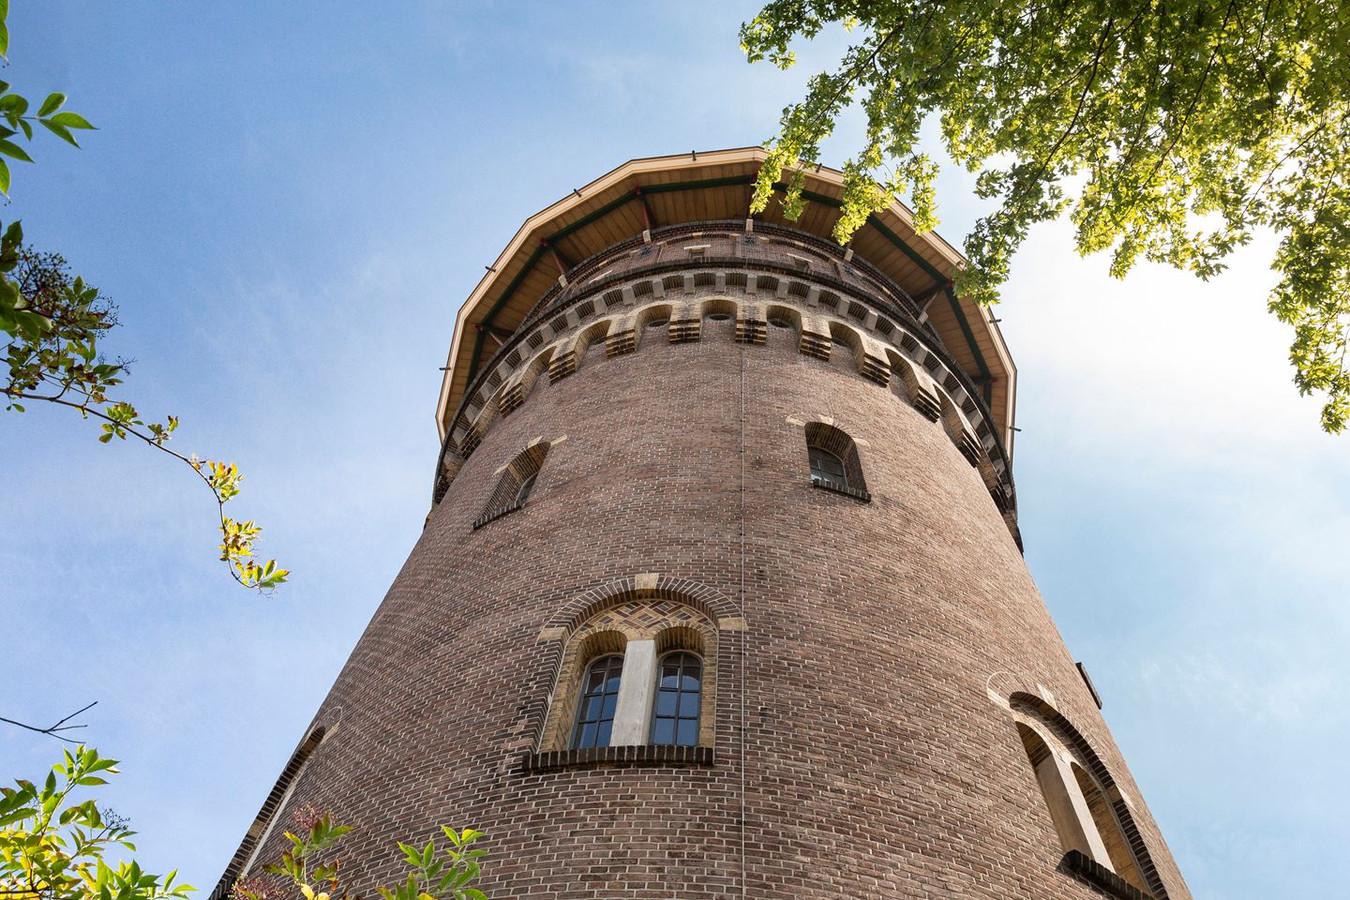 De watertoren in Bergen op Zoom staat te koop. Kunstenaar Marius Dielemans heeft zijn stempel op het interieur gedrukt.